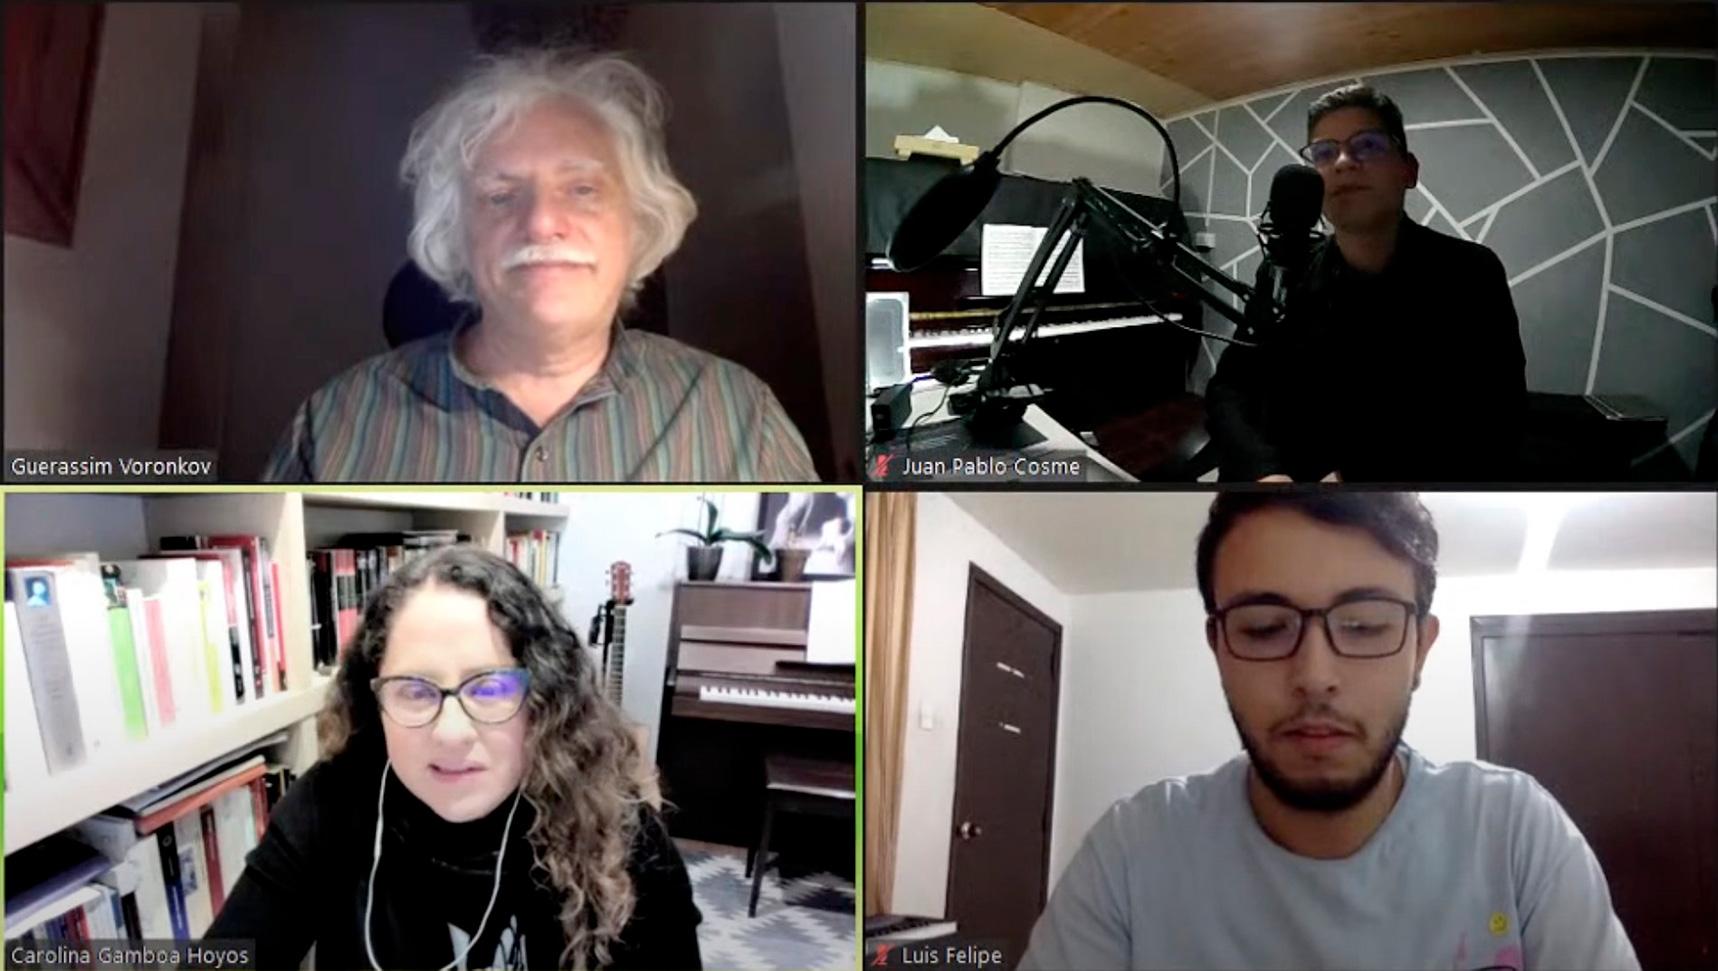 Carolina Gamboa conversa sobre el Réquiem de Brahms en la Cátedra Bogotá Musical Internacional de la Universidad Nacional